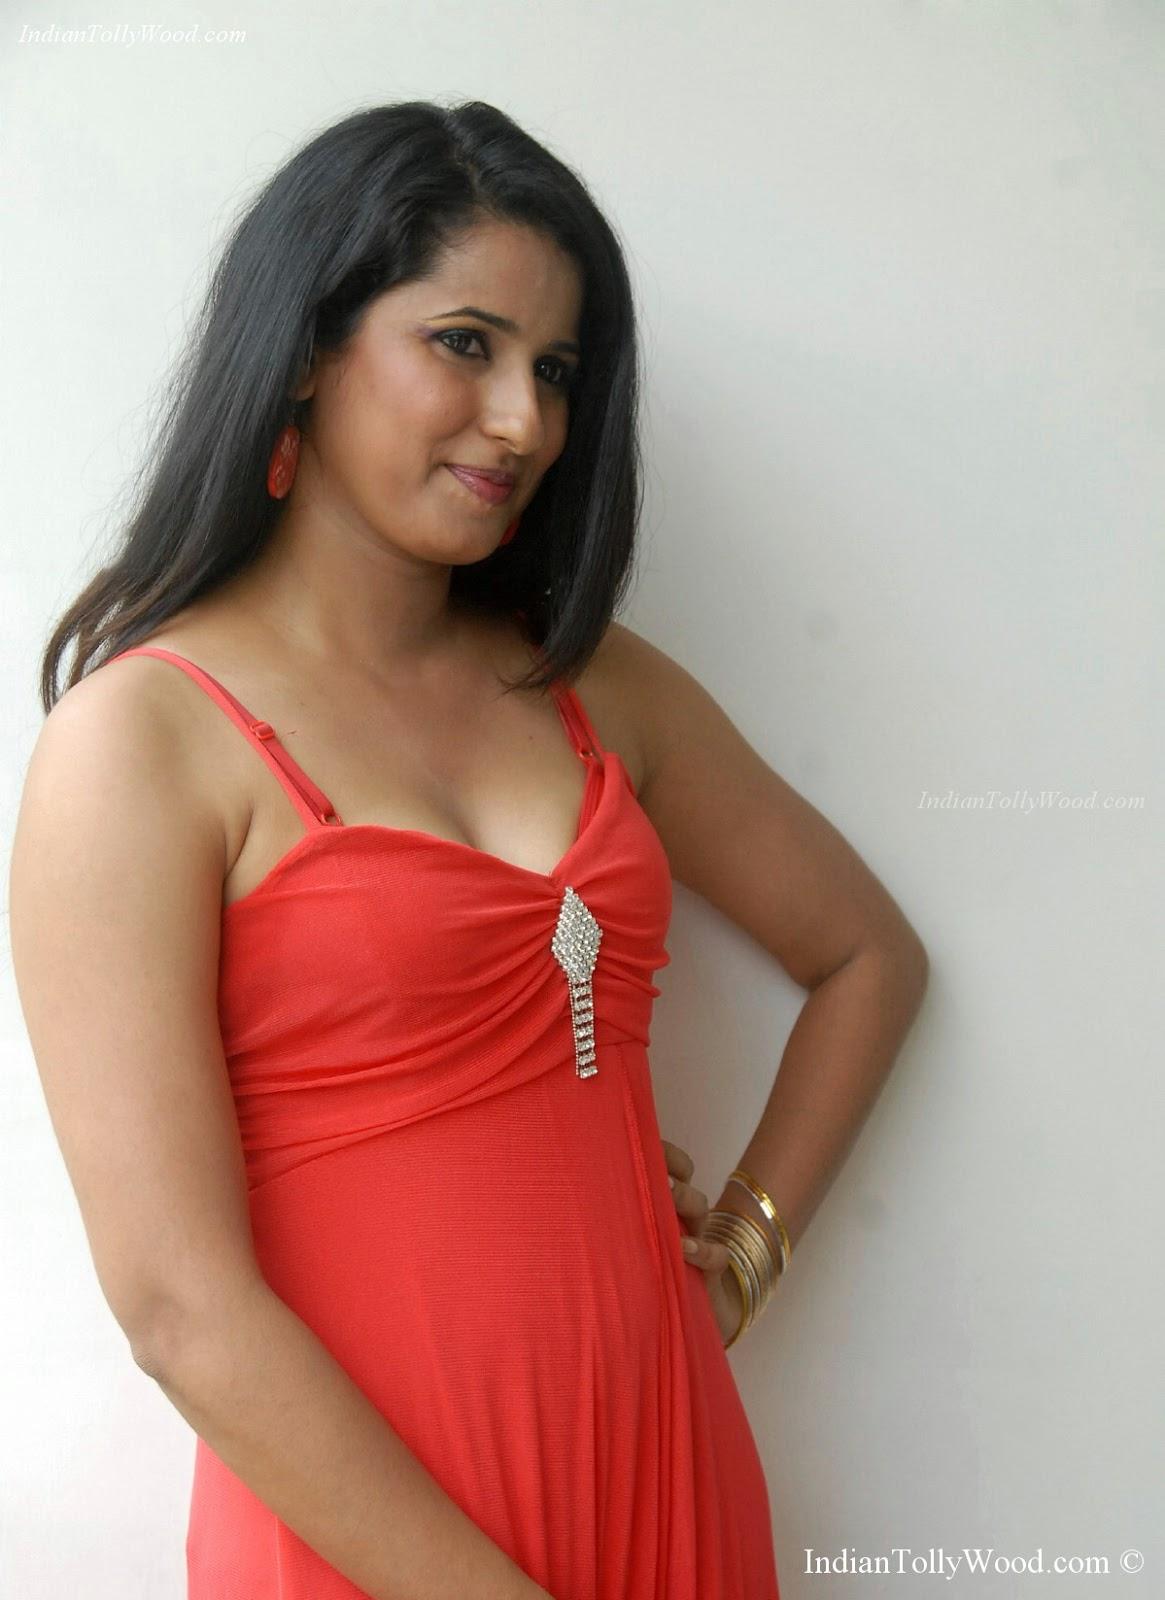 shravya_reddy_latest_hot_photos_in_red_dress_shravya_reddy_actress_hot ...